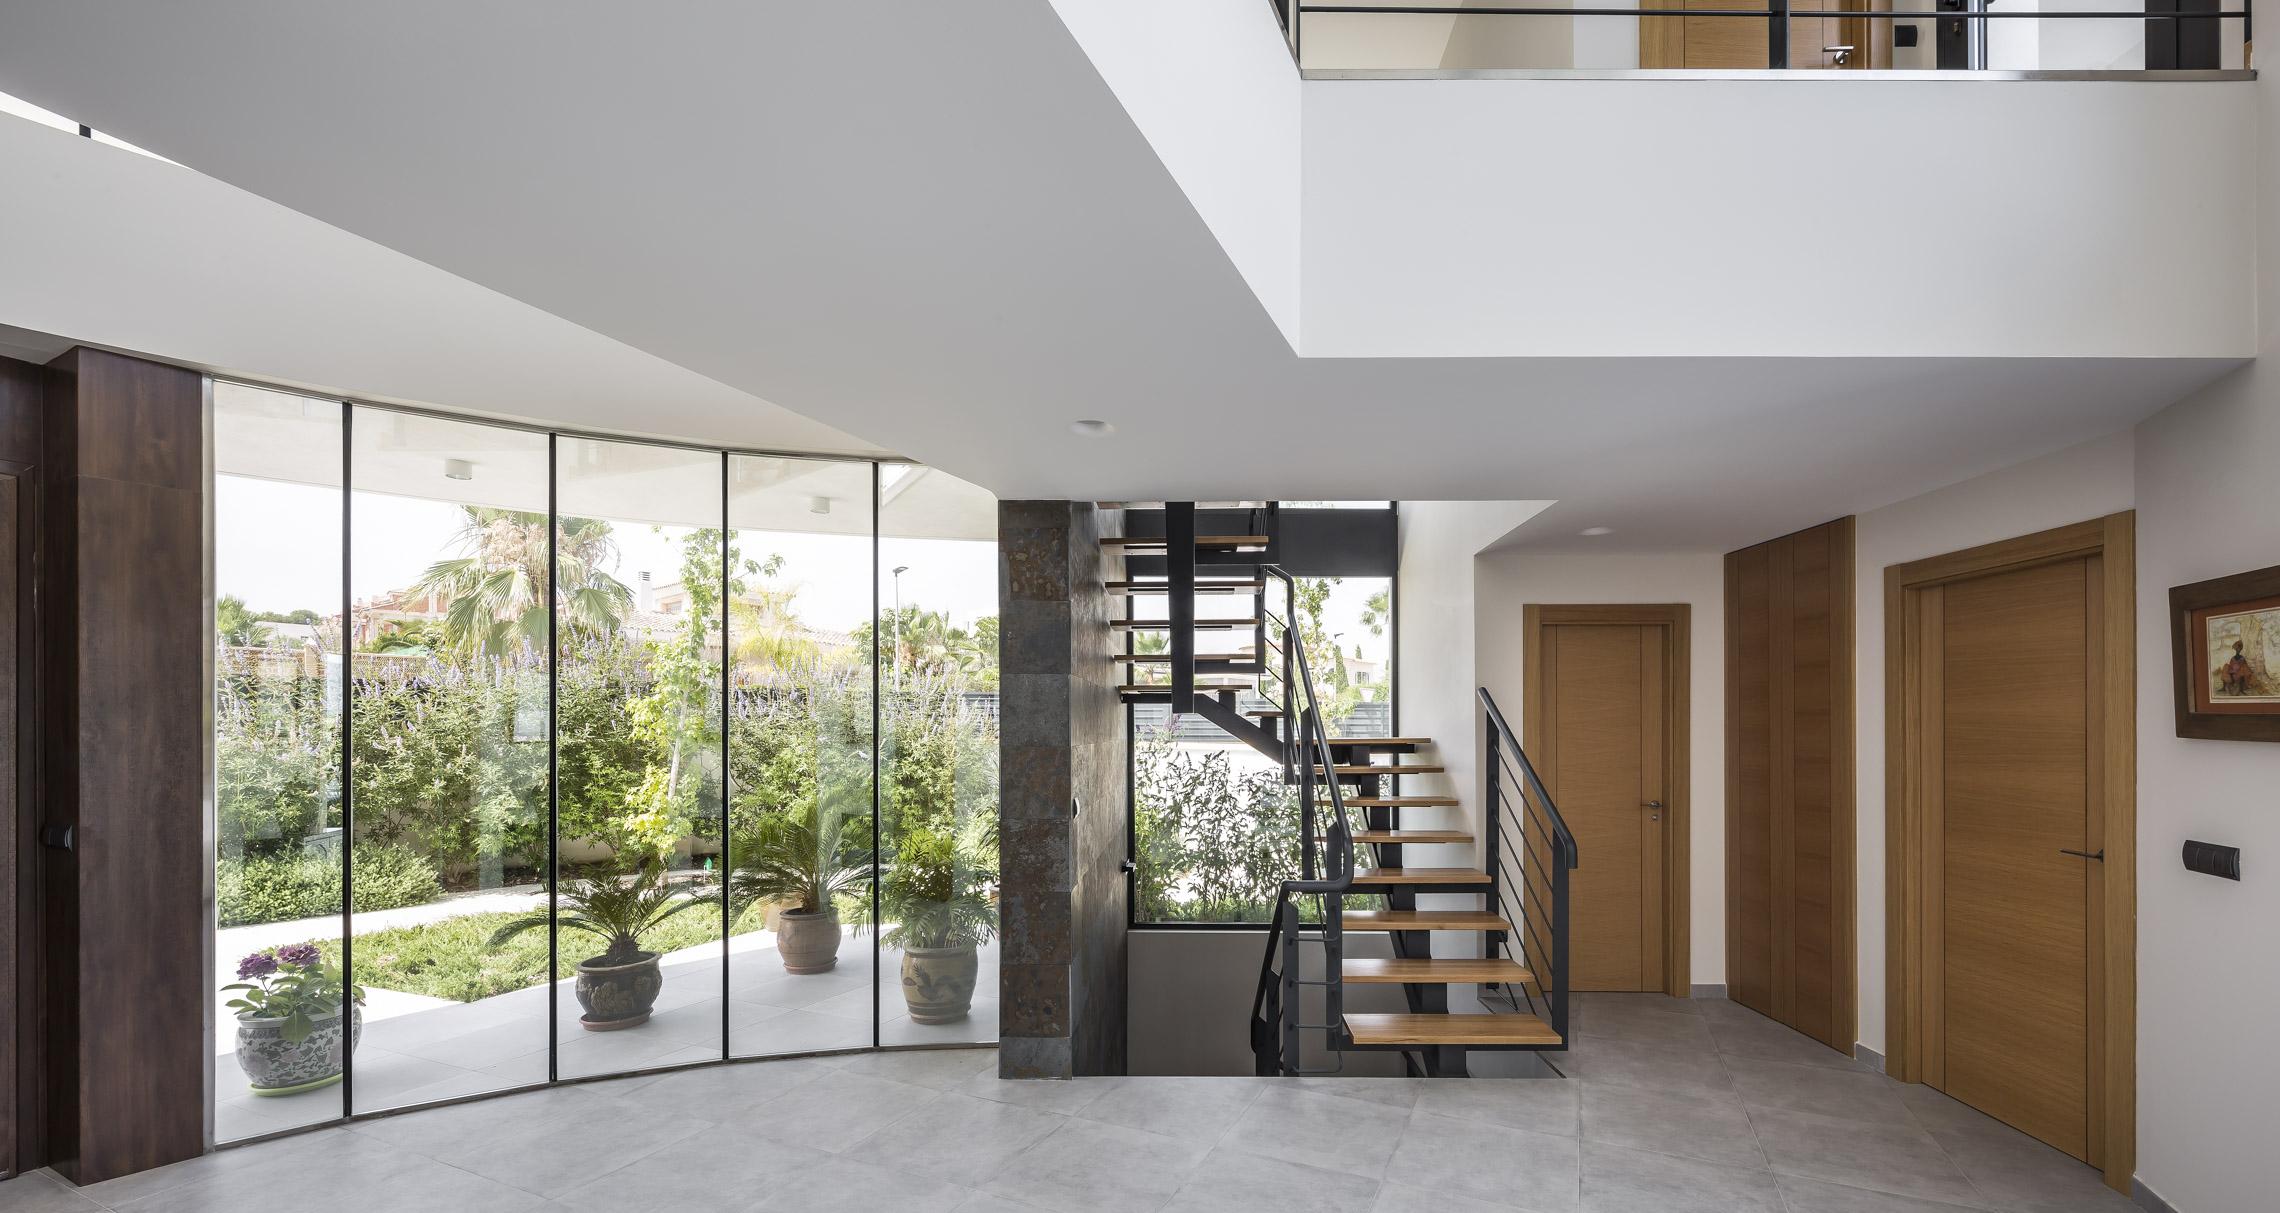 Hall. Vista hacia la escalera. Casa Alicante.